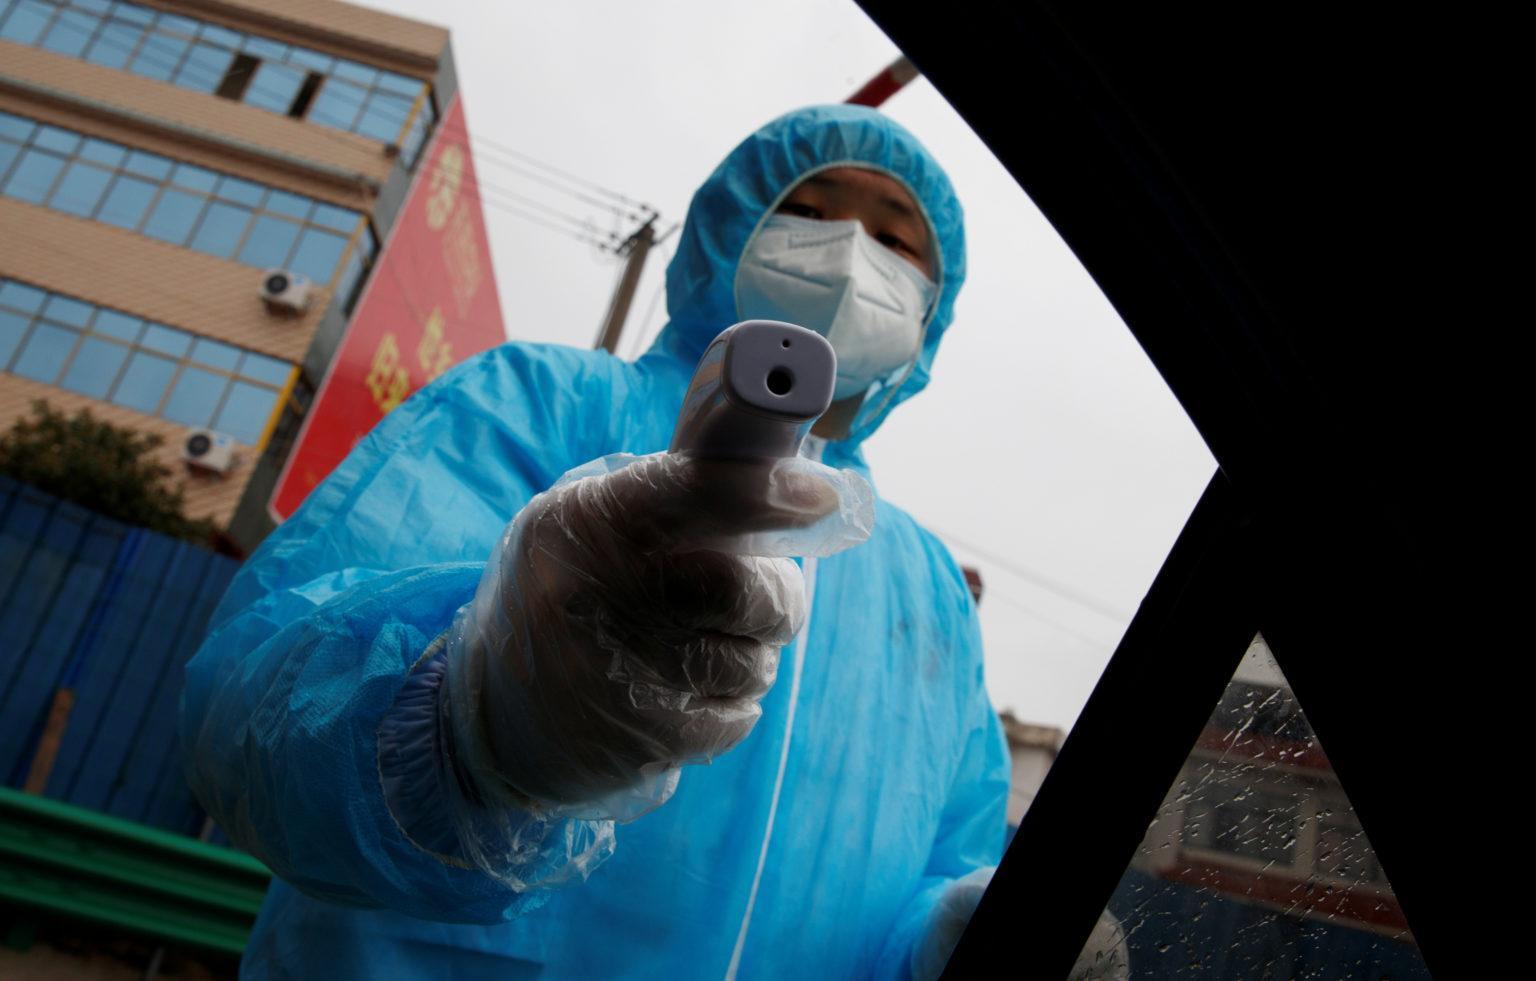 Еще 72 жителя Тверской области заразились коронавирусом за сутки - новости Афанасий